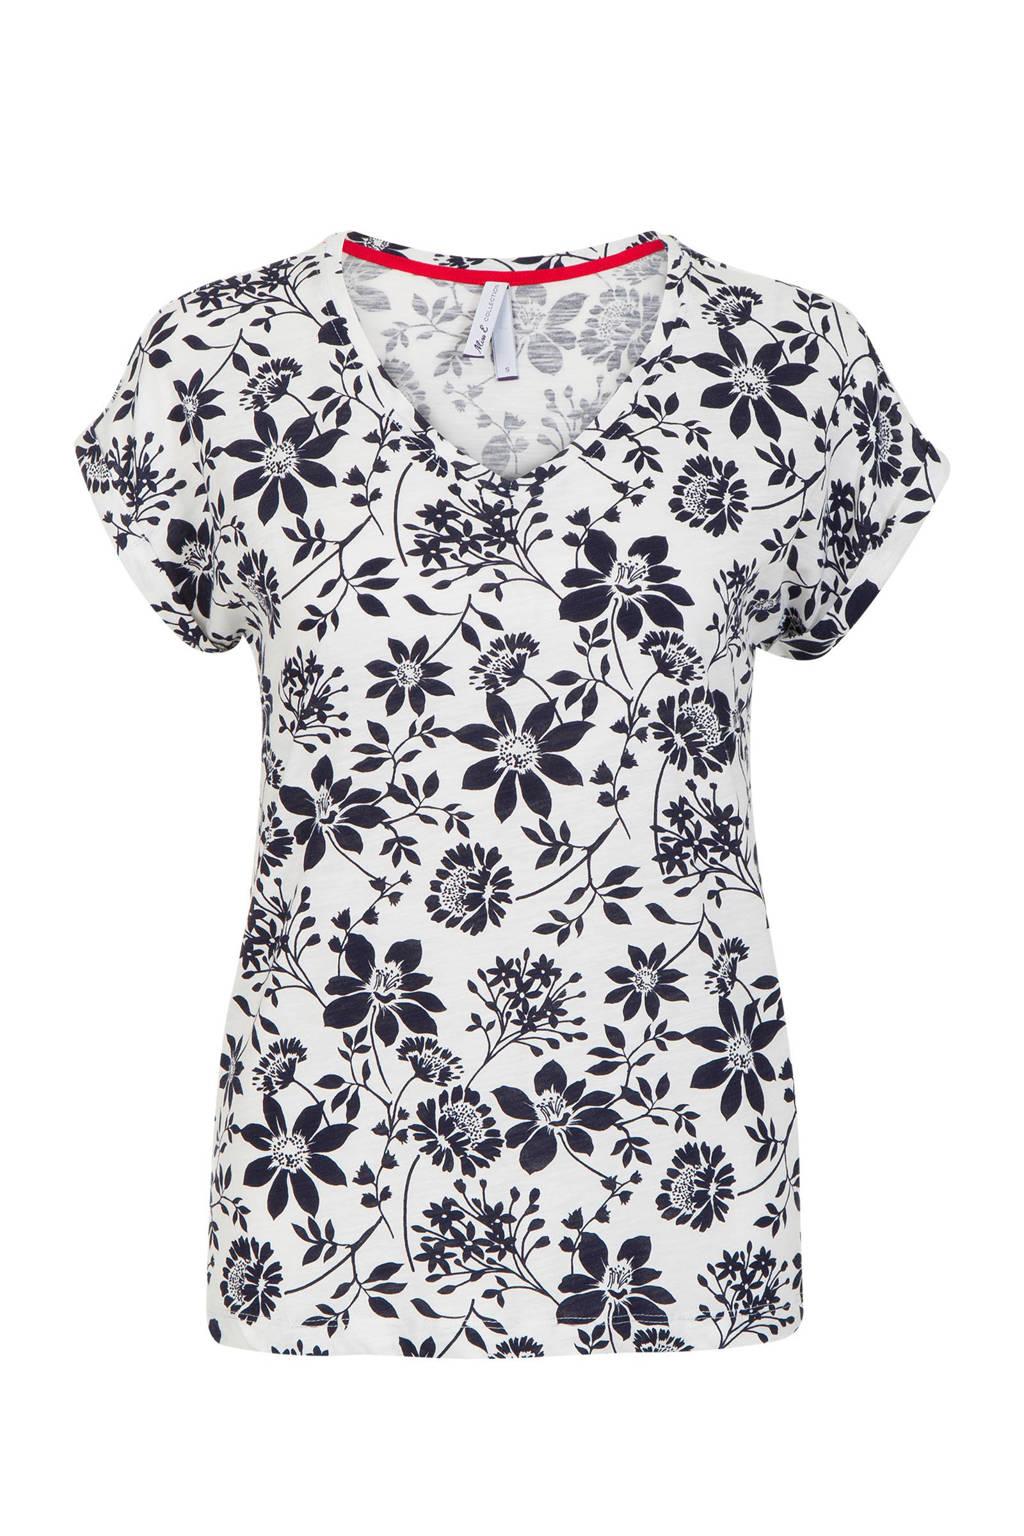 Miss Etam Regulier T-shirt bloemenprint, Wit